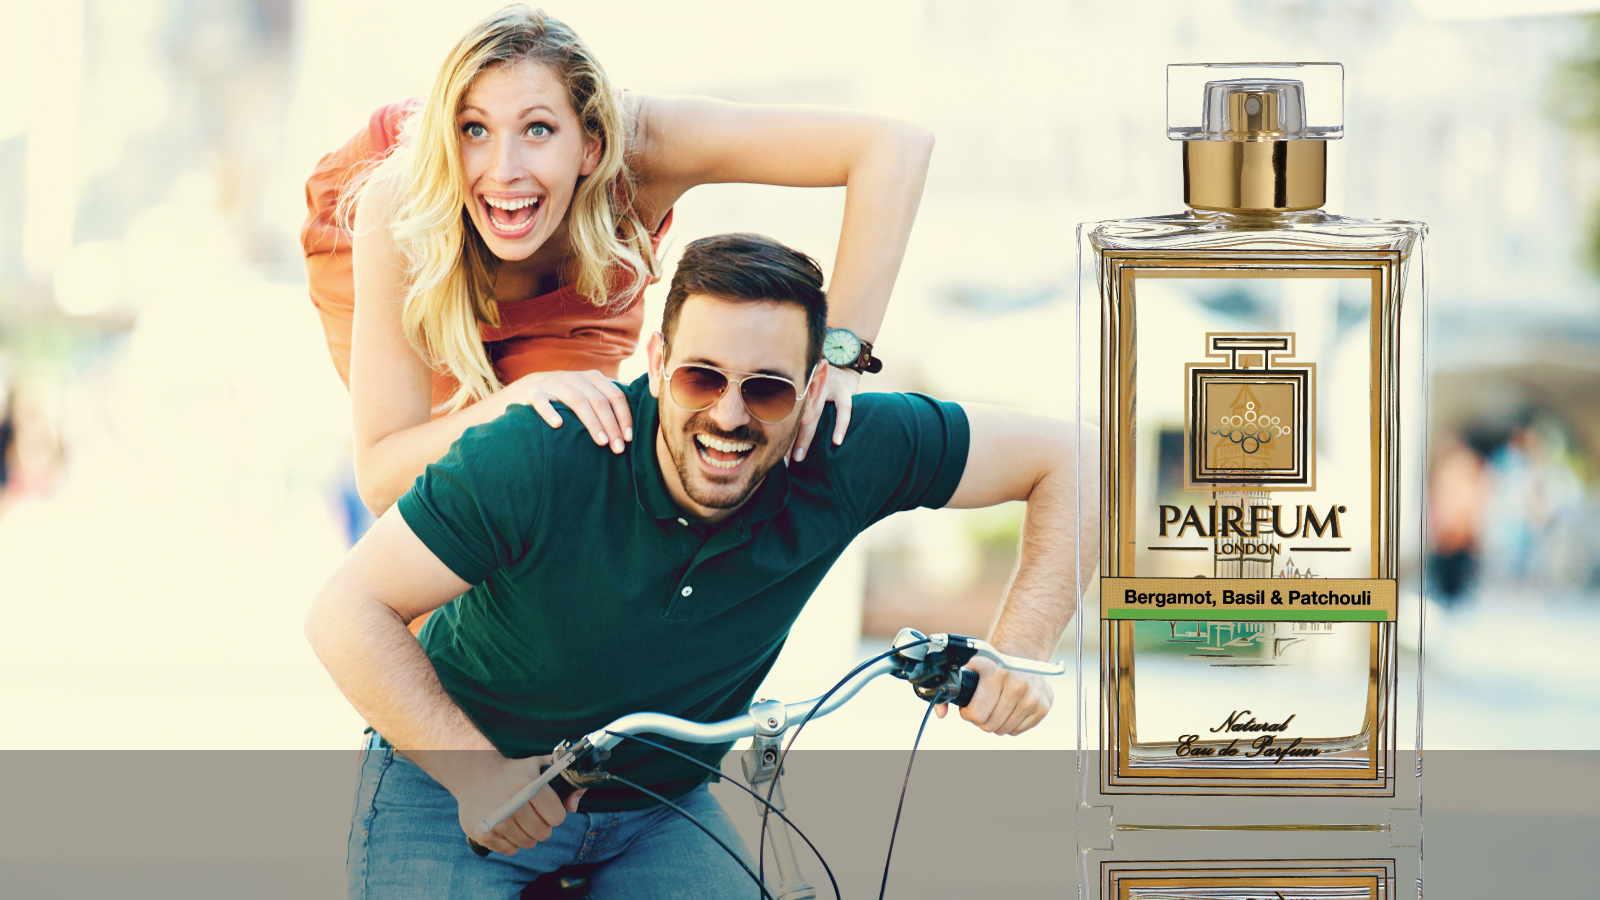 Eau De Parfum Person Reflection Bergamot Basil Patchouli Couple Bike 16 9